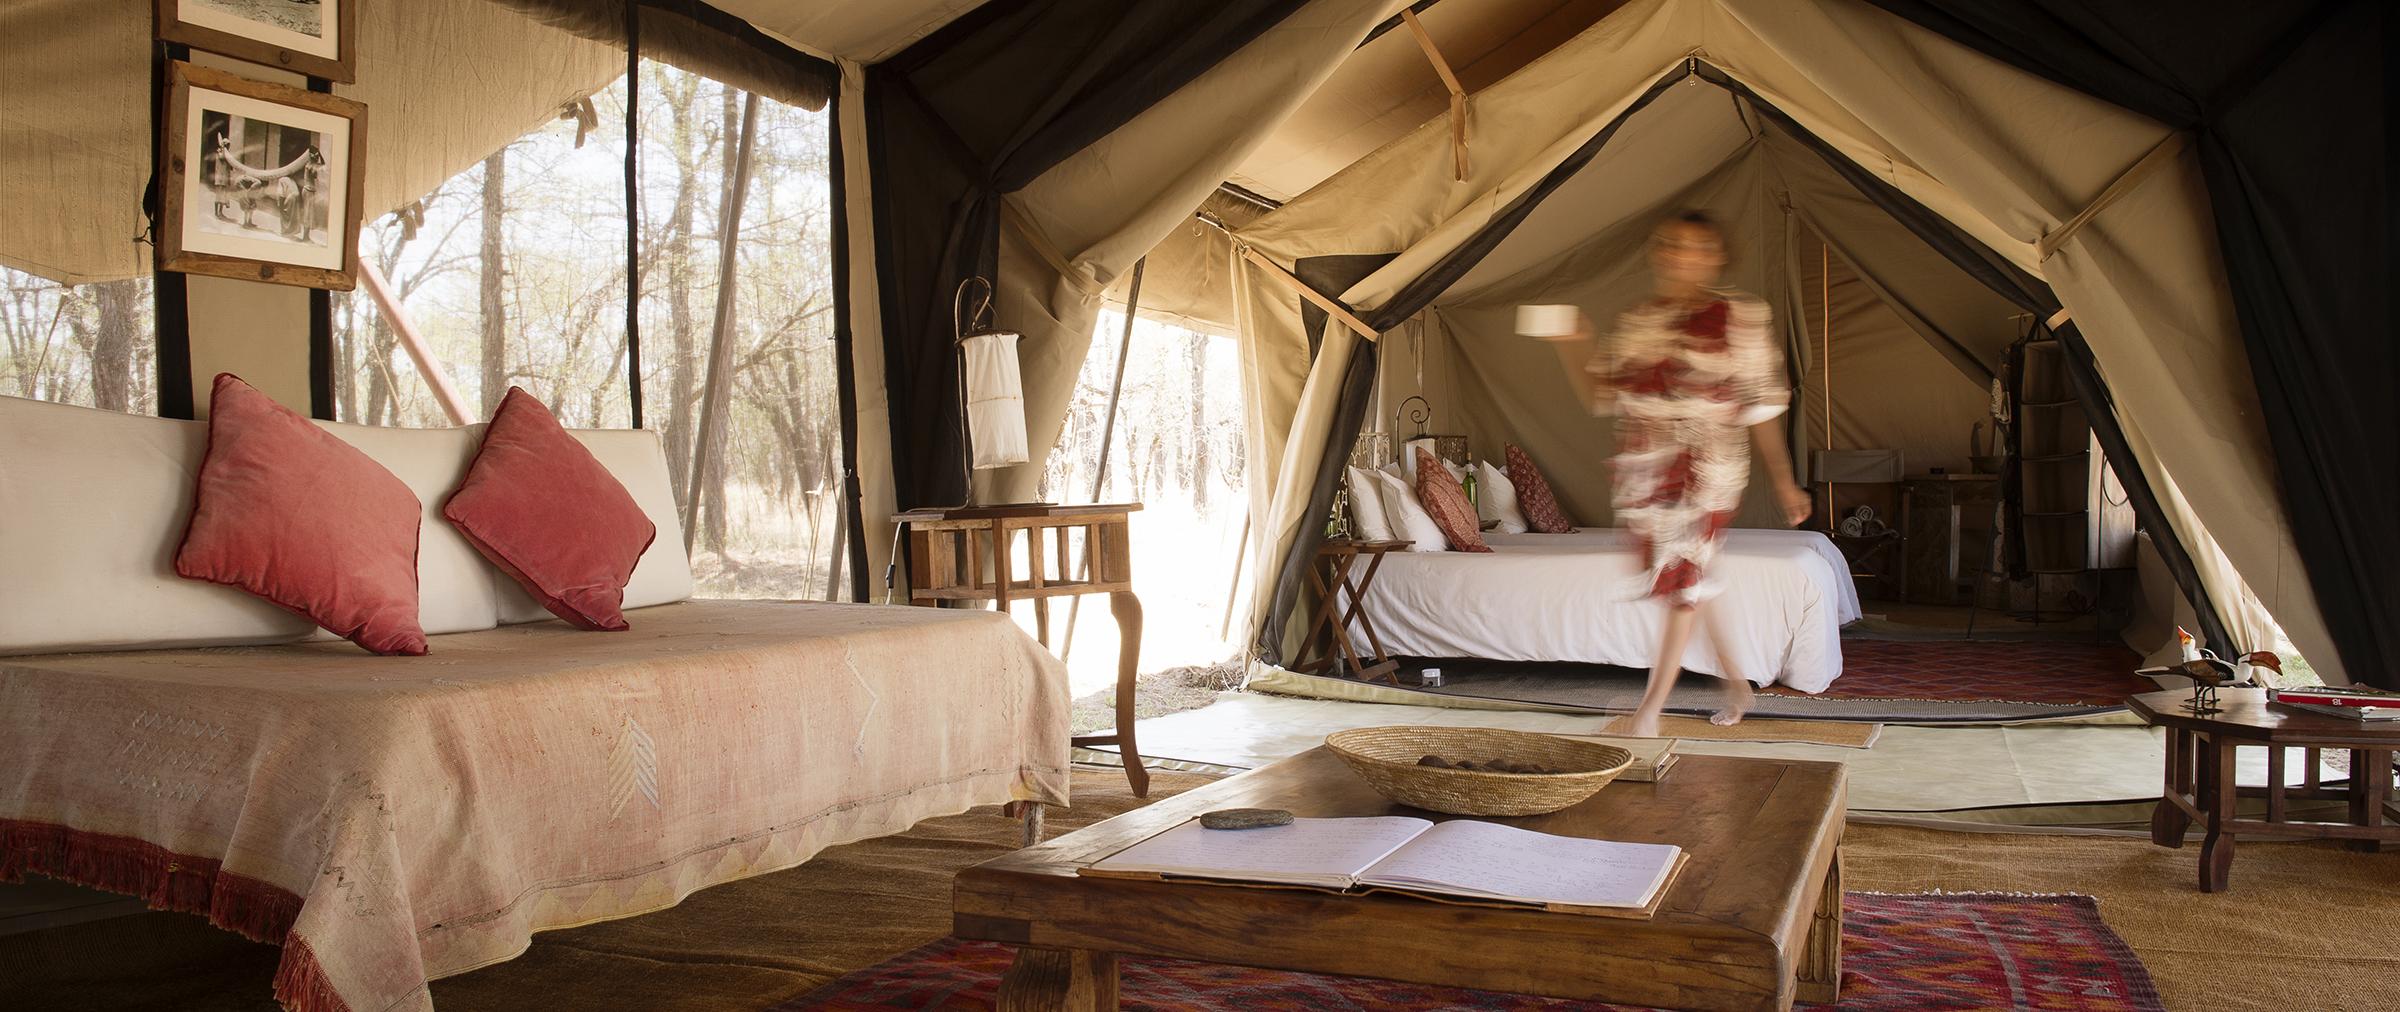 top serengeti mobile tent camps - serian's serengeti north